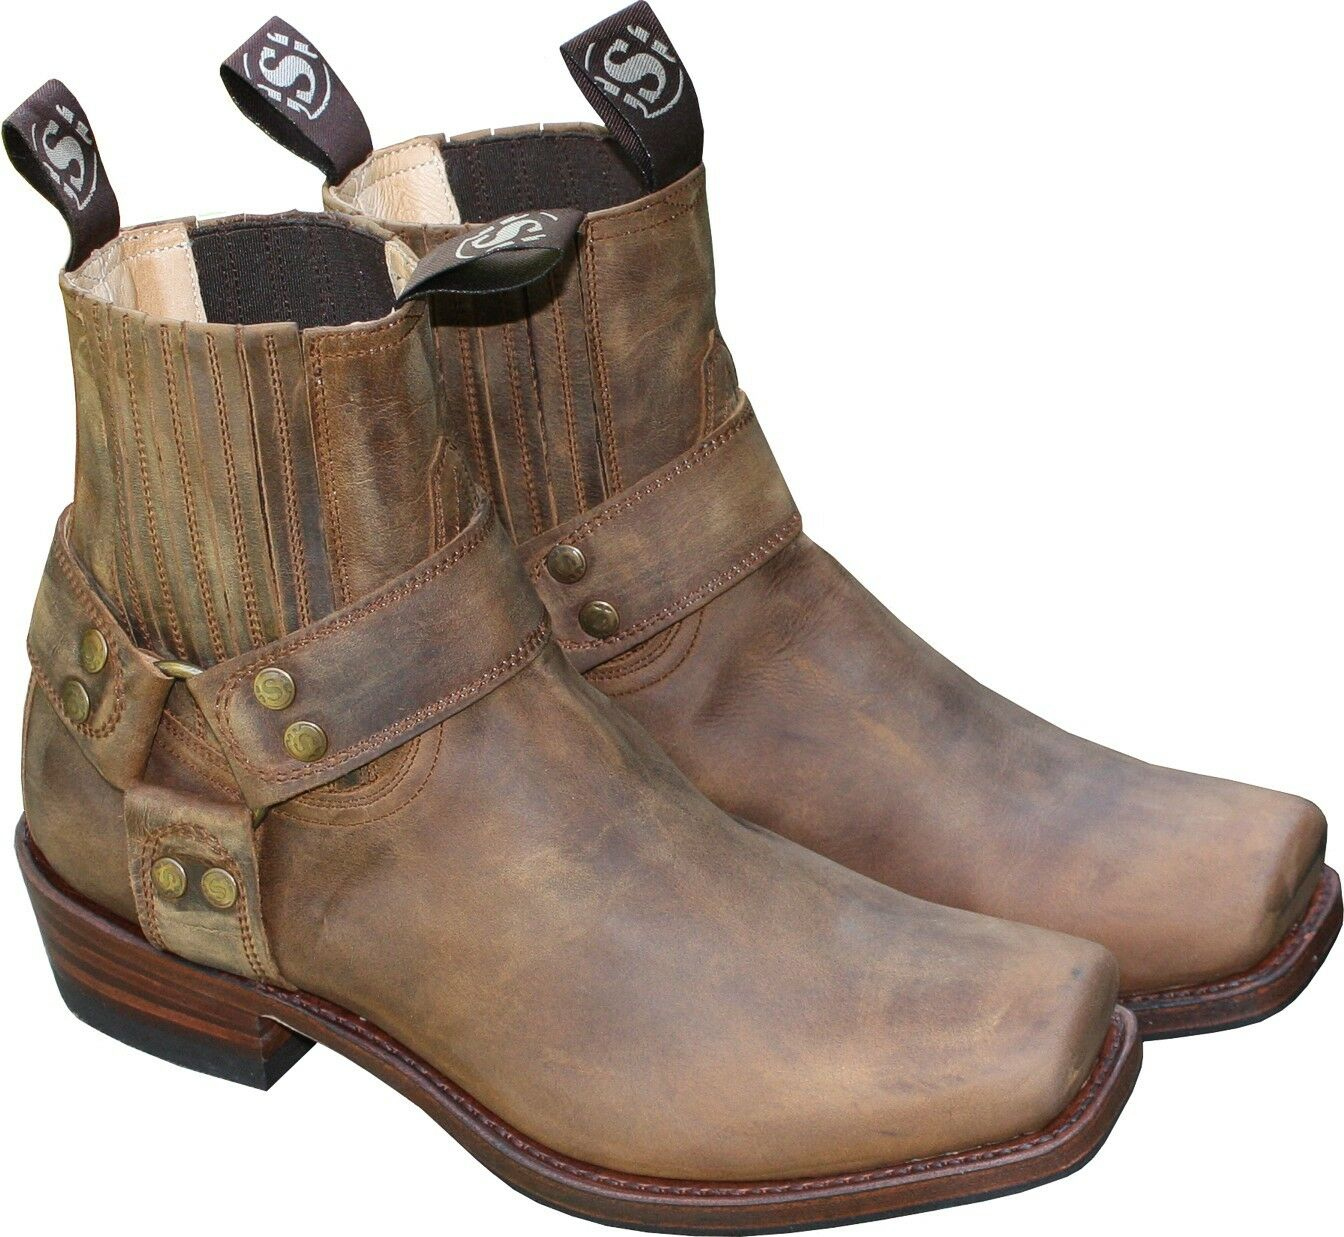 SENDRA Stiefelette Ankle Stiefel Braun Schuhe Biker-Stiefel Leder Short Cut NEU   | Leicht zu reinigende Oberfläche